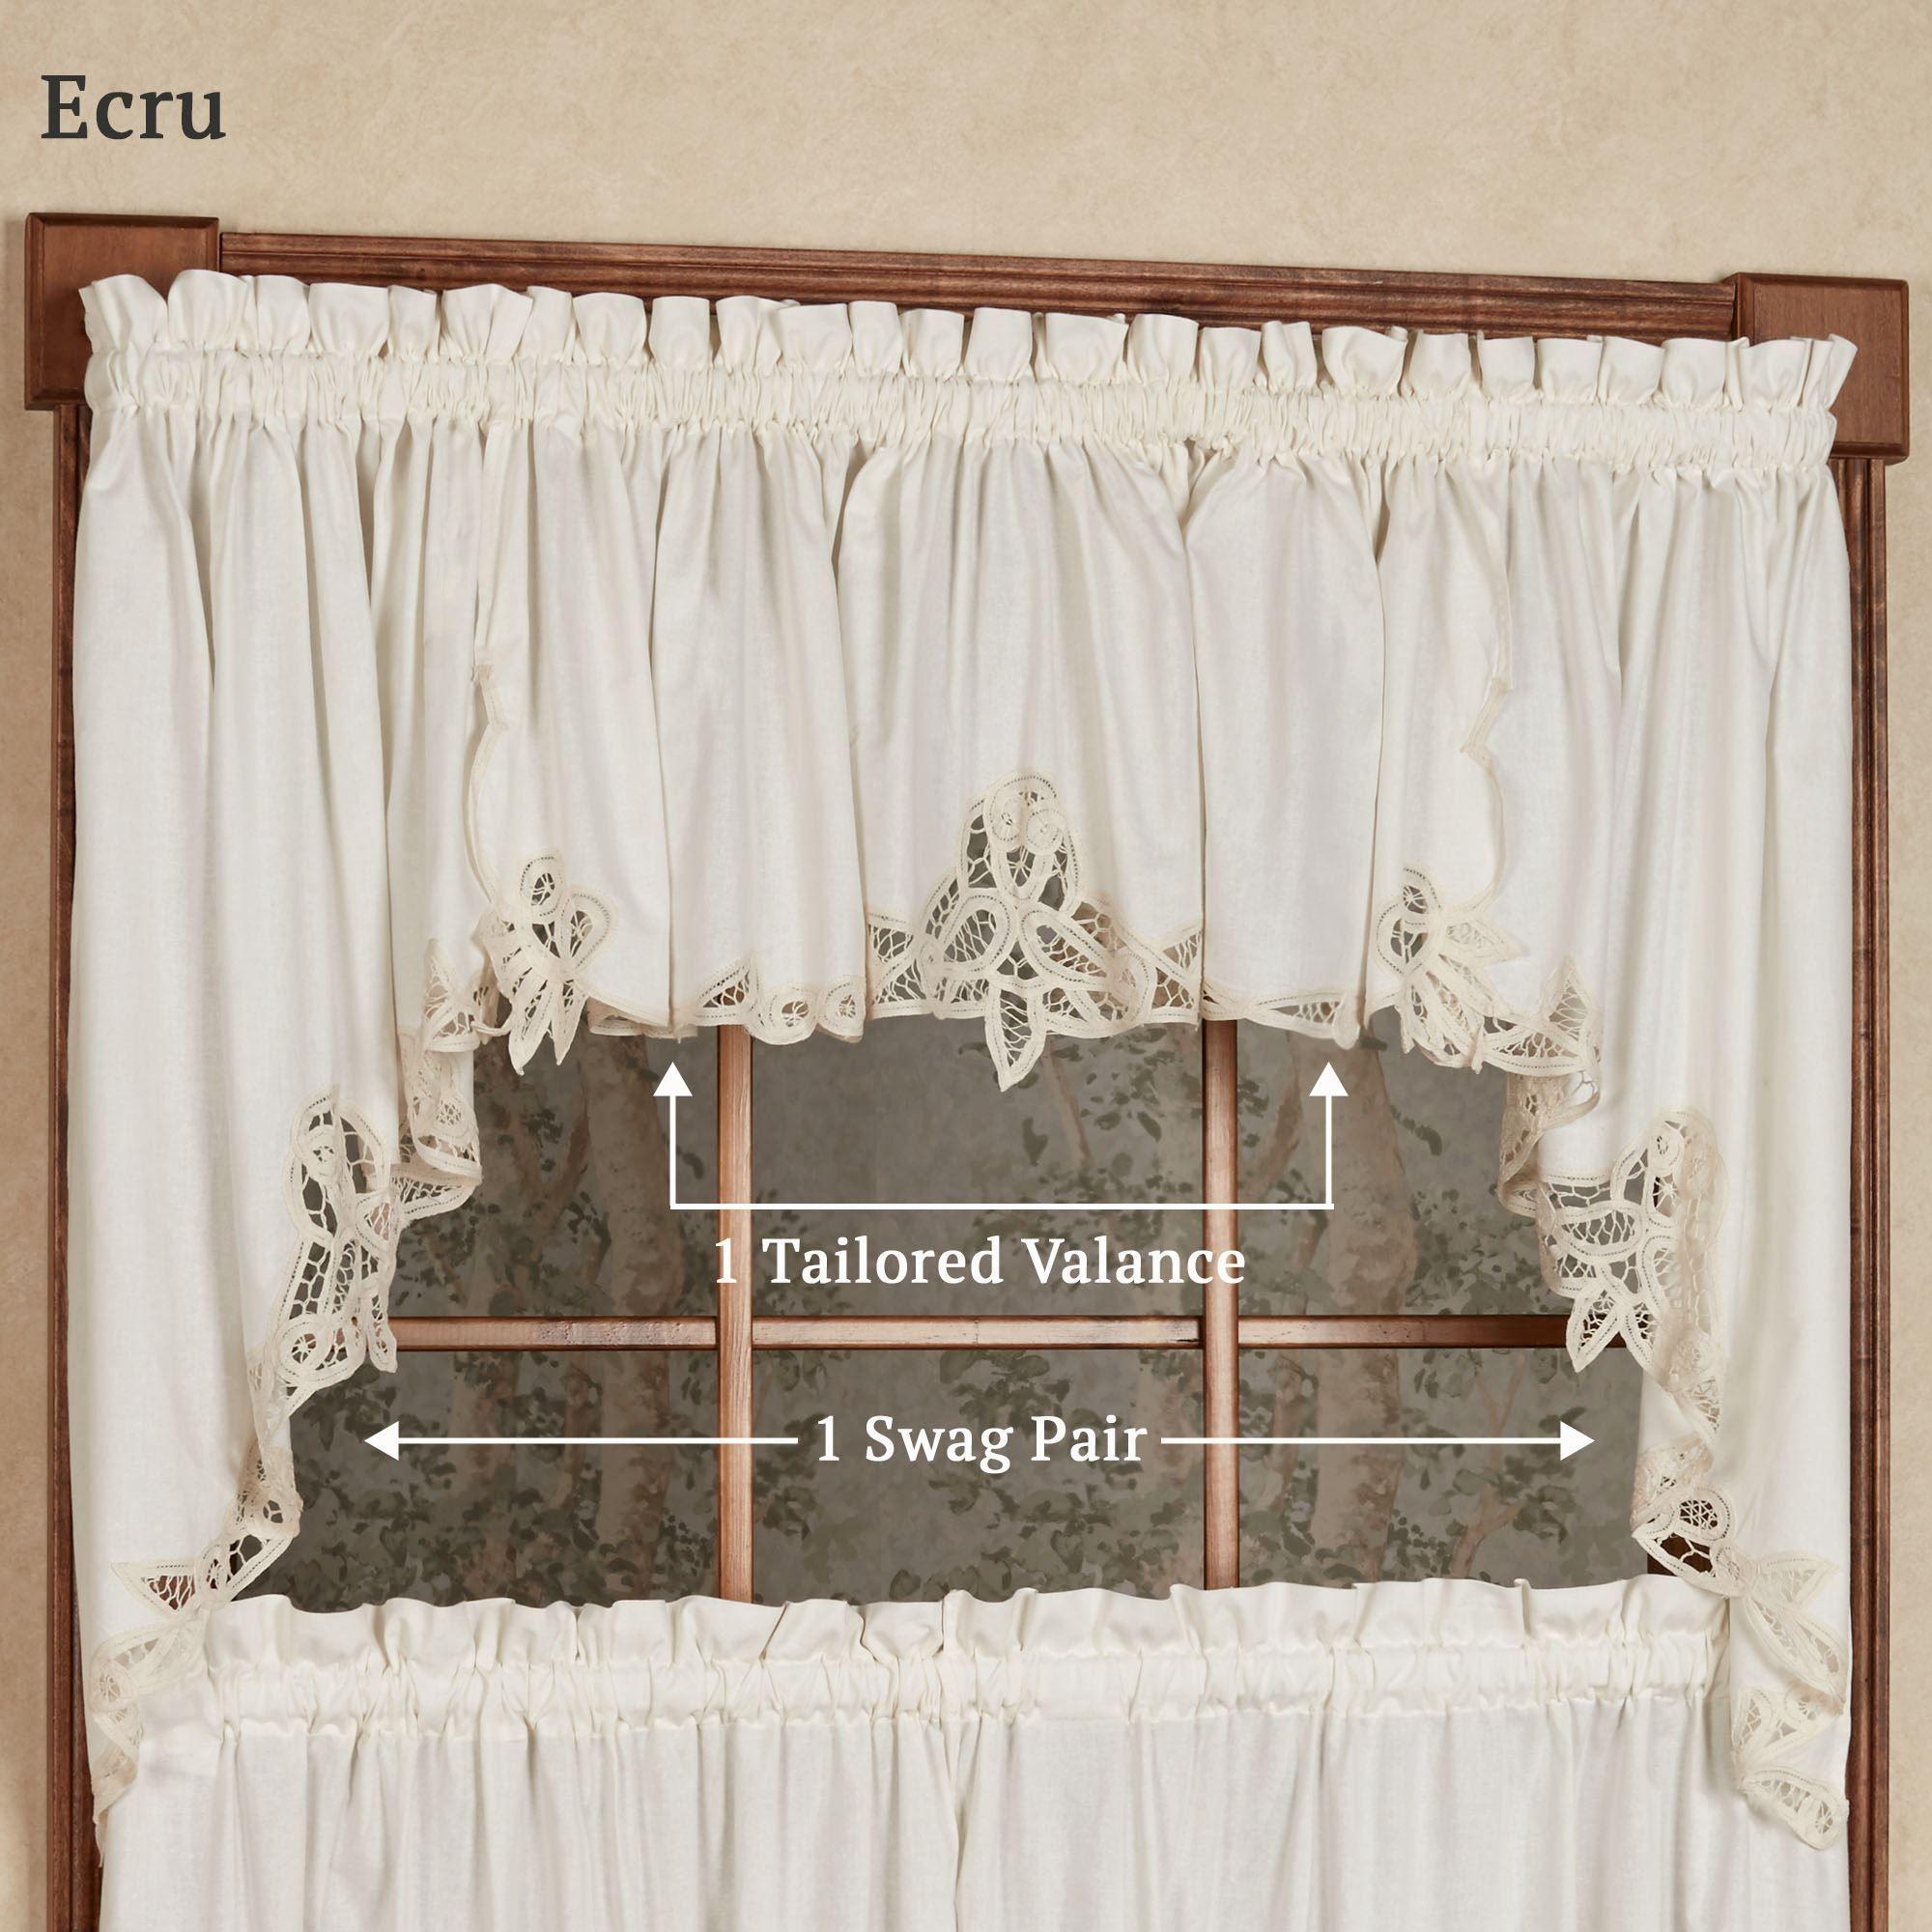 Battenburg Lace Curtains